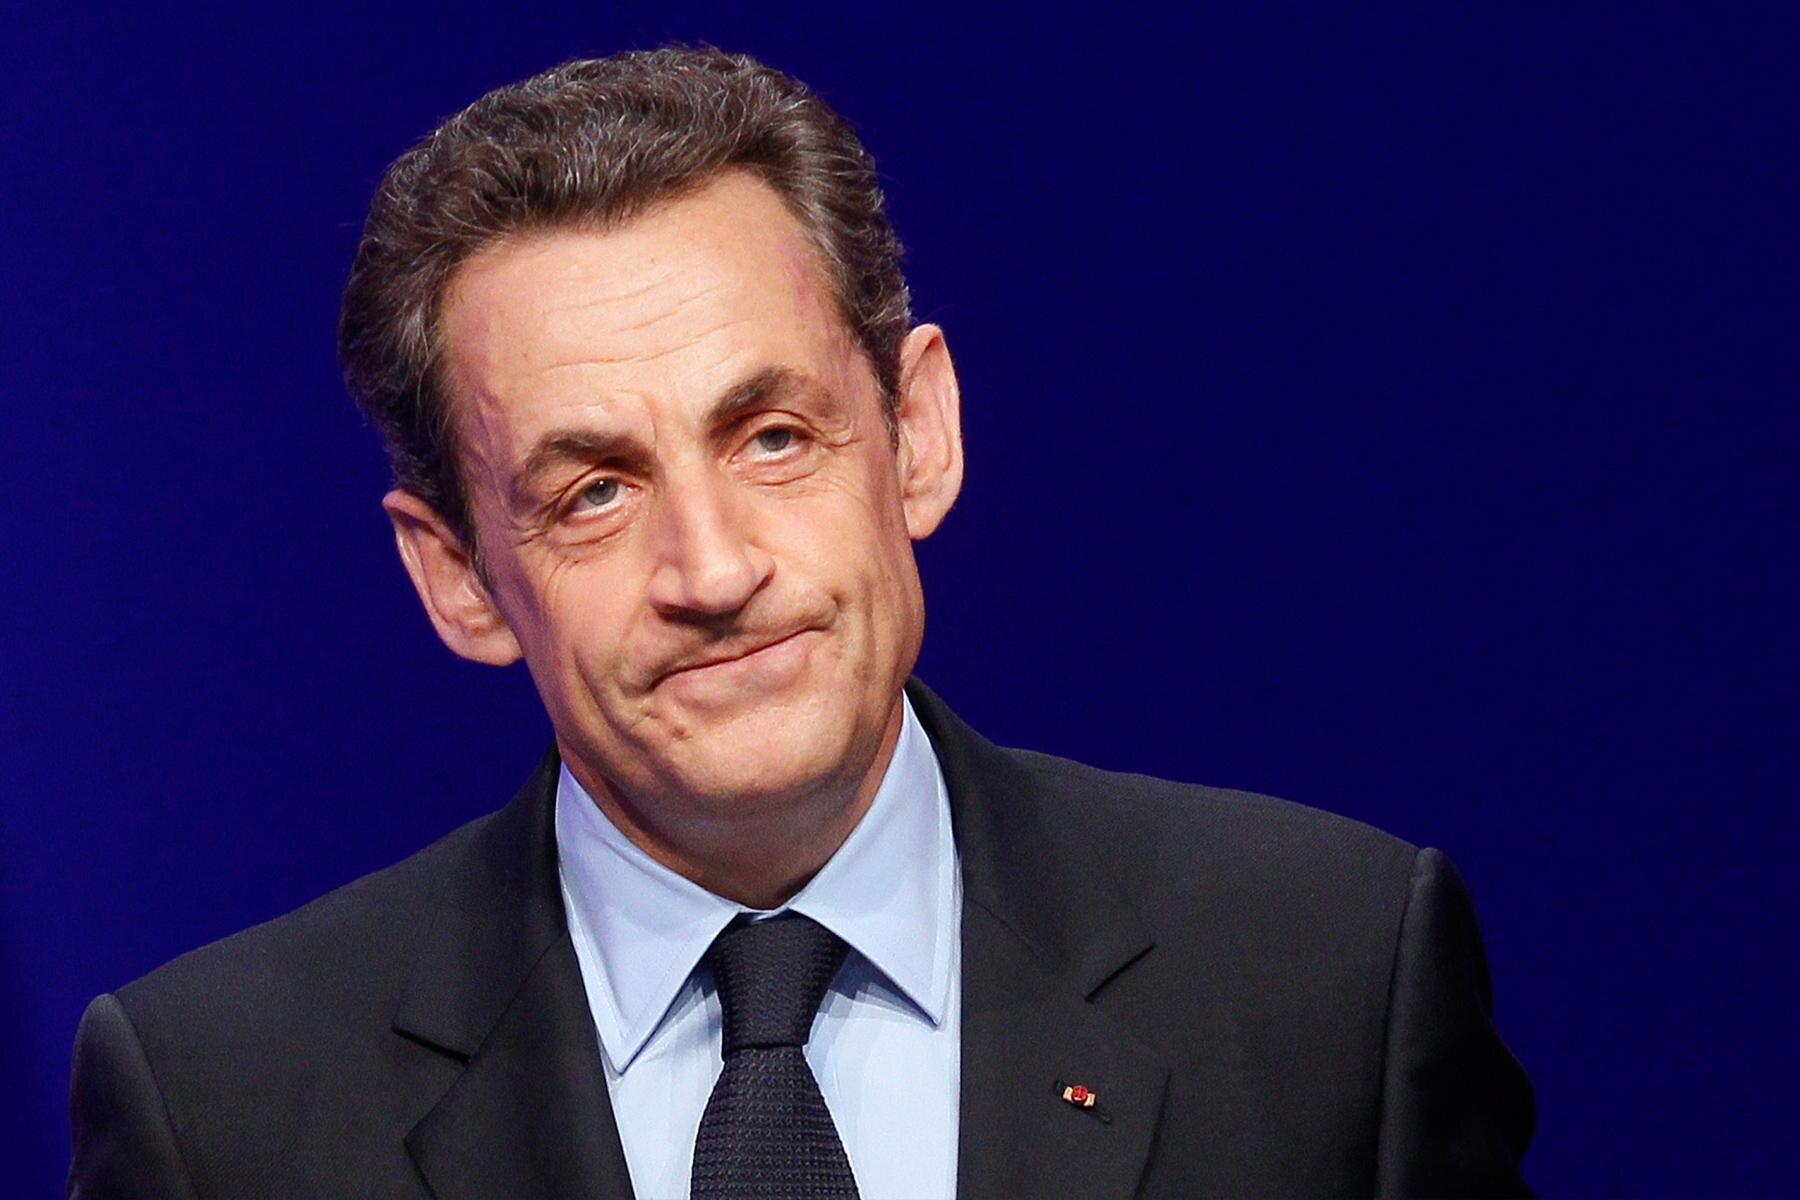 Französicher Ex-Präsidnet Nikolas Sarkozy in Polizeigewahrsam